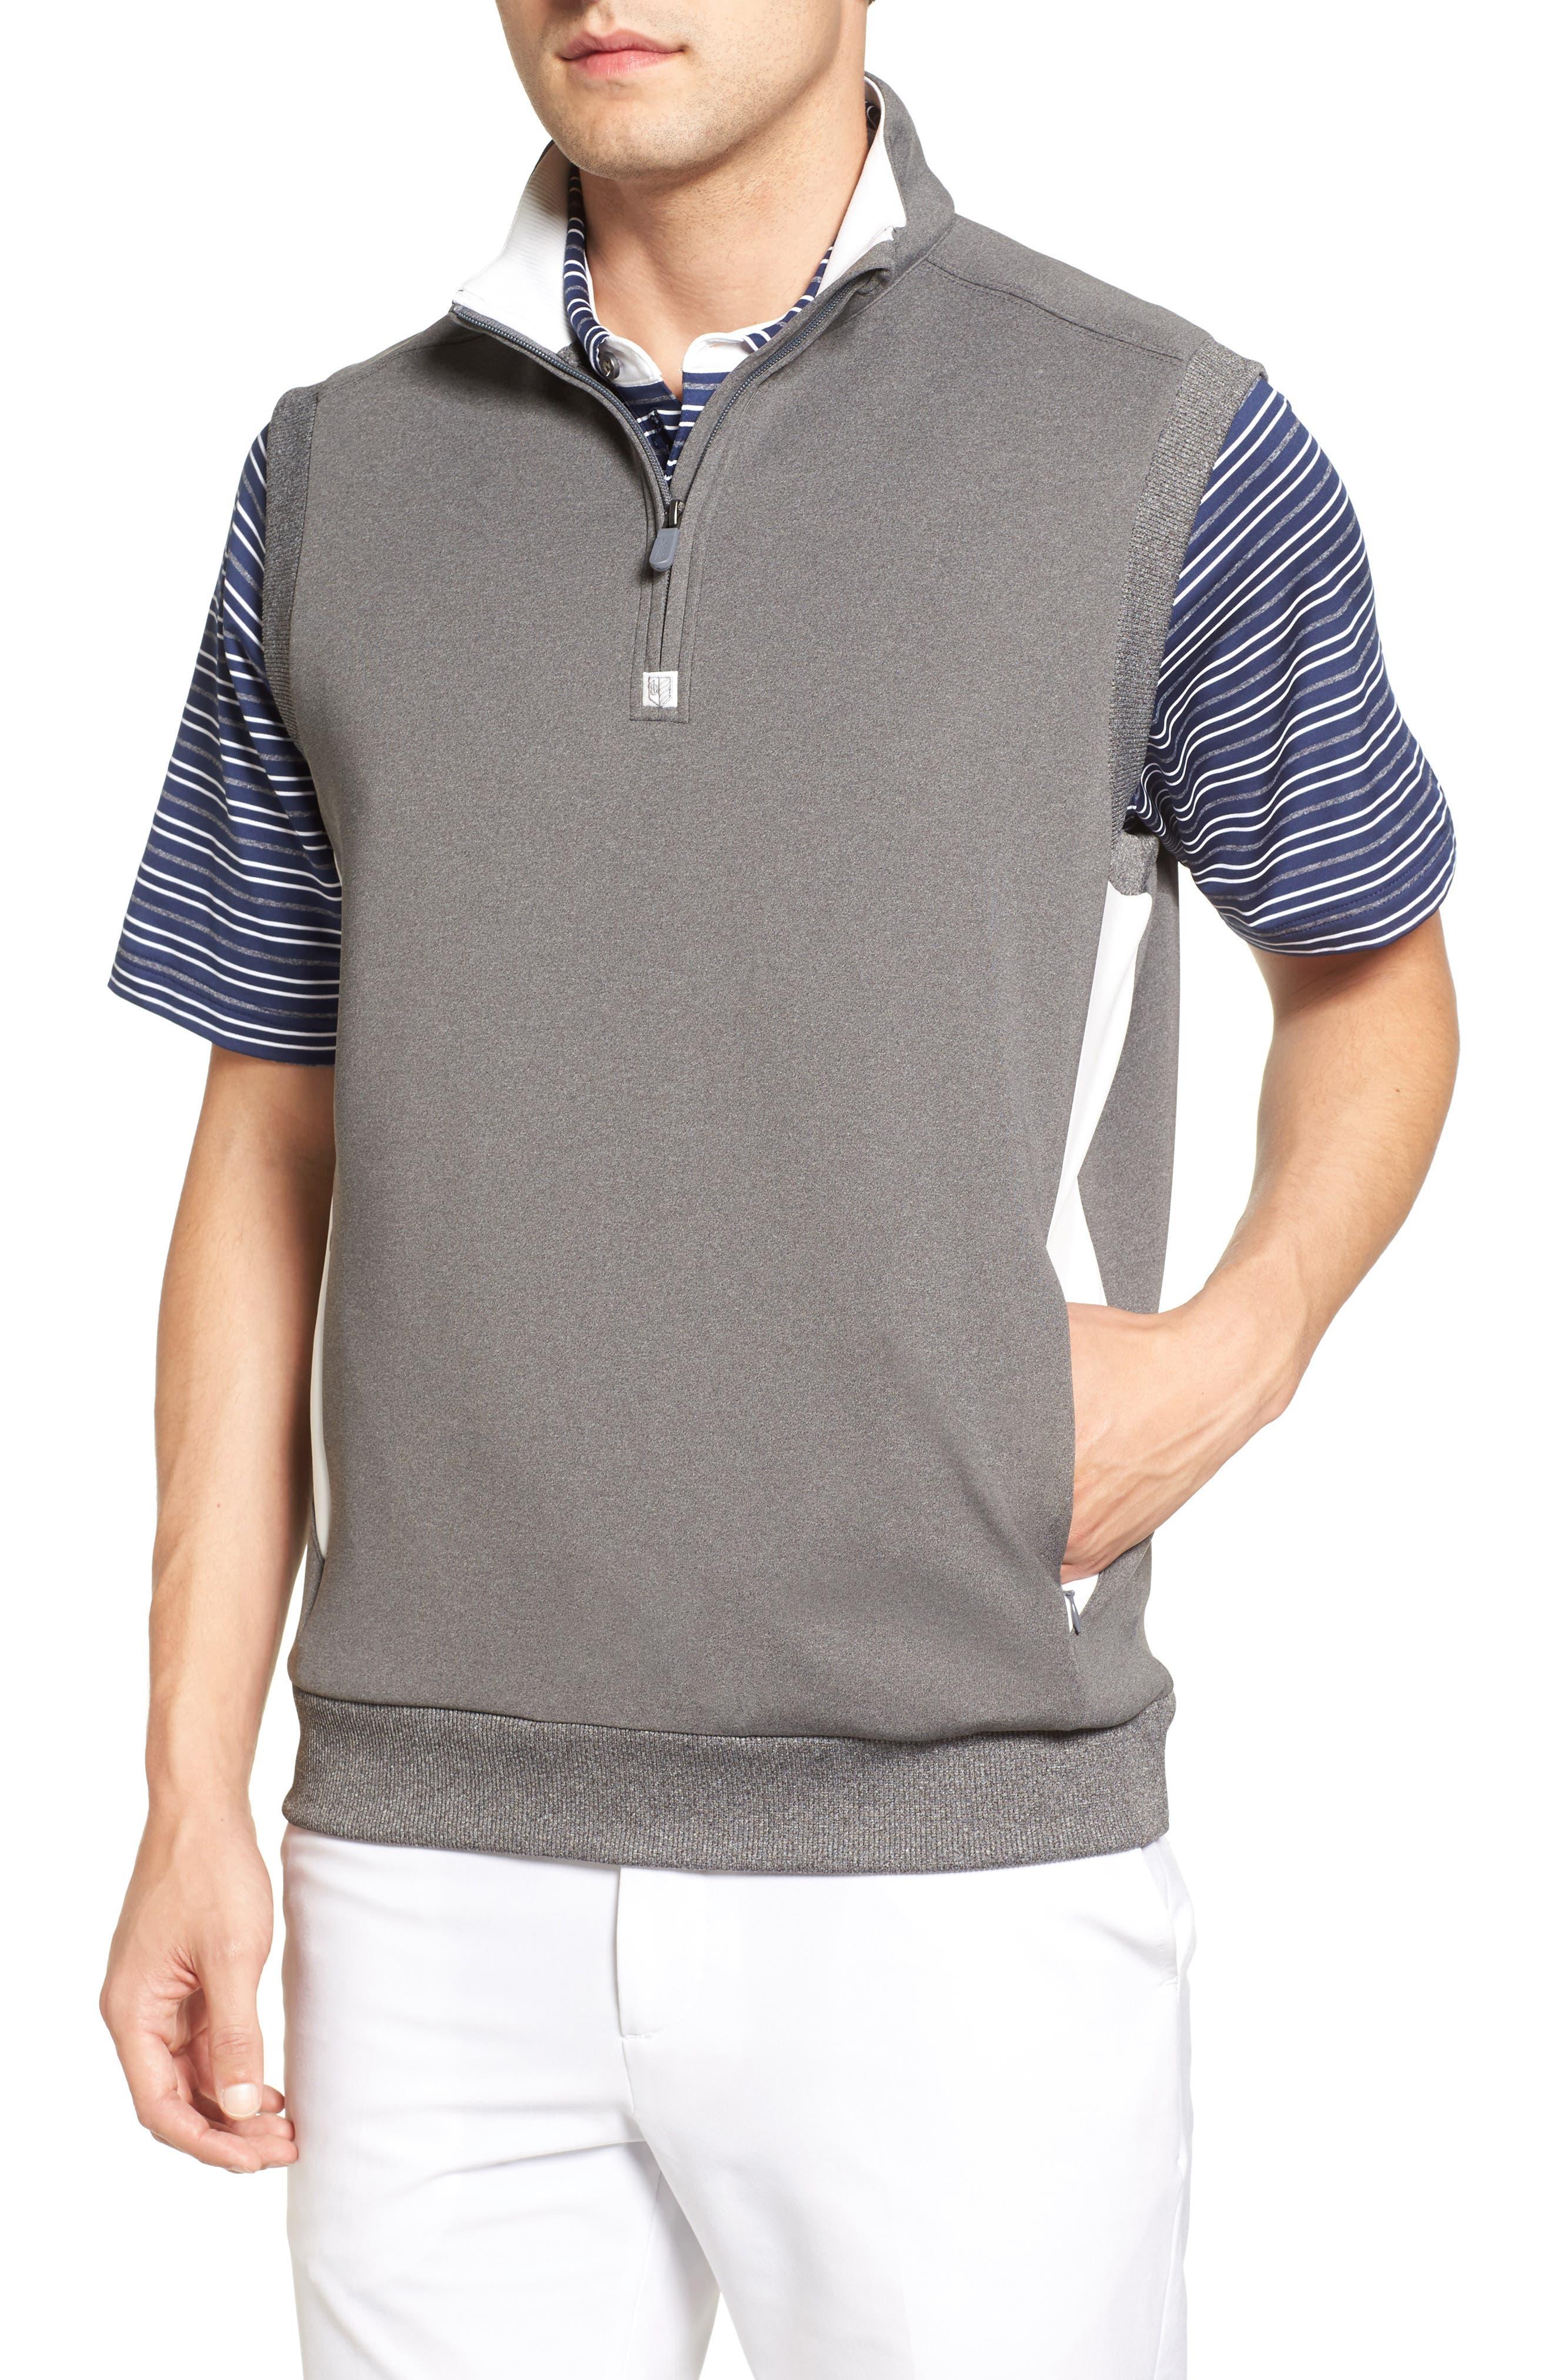 Alternate Image 1 Selected - Bobby Jones Rule 18 Tech Quarter Zip Vest